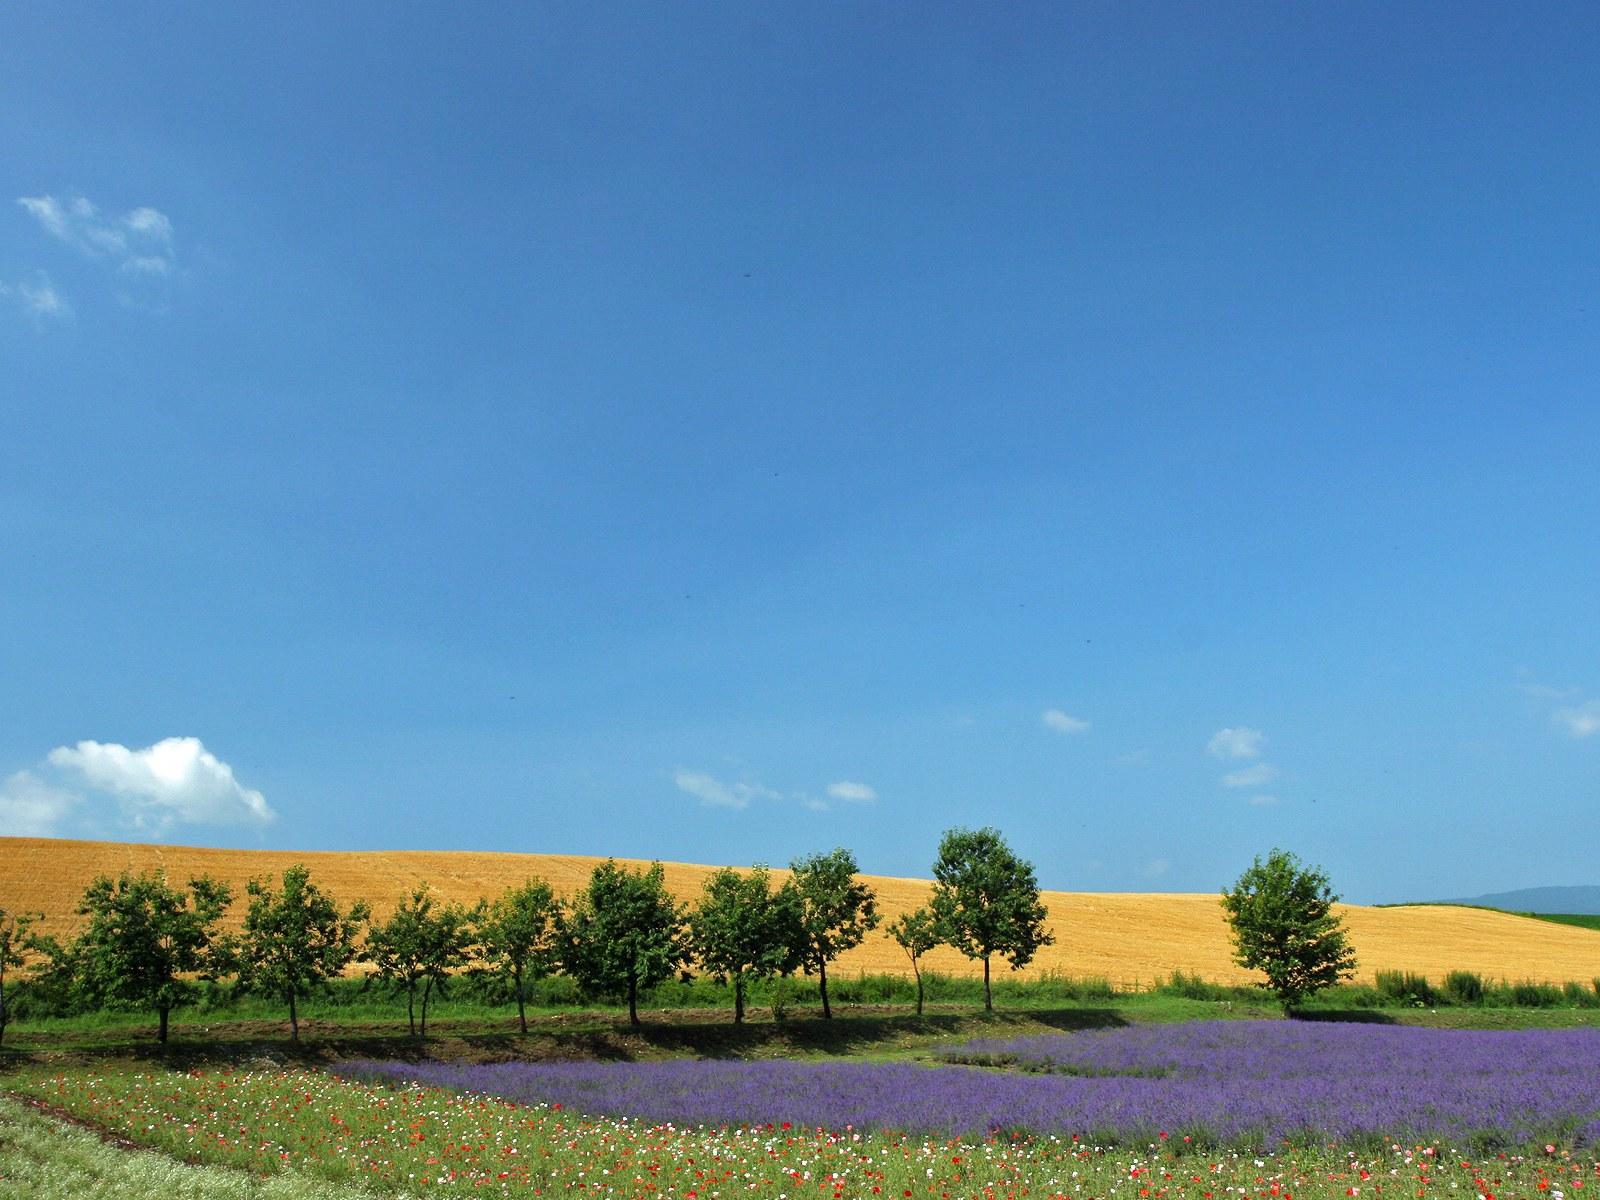 日本北海道田园风光图片PS素材 38P图片